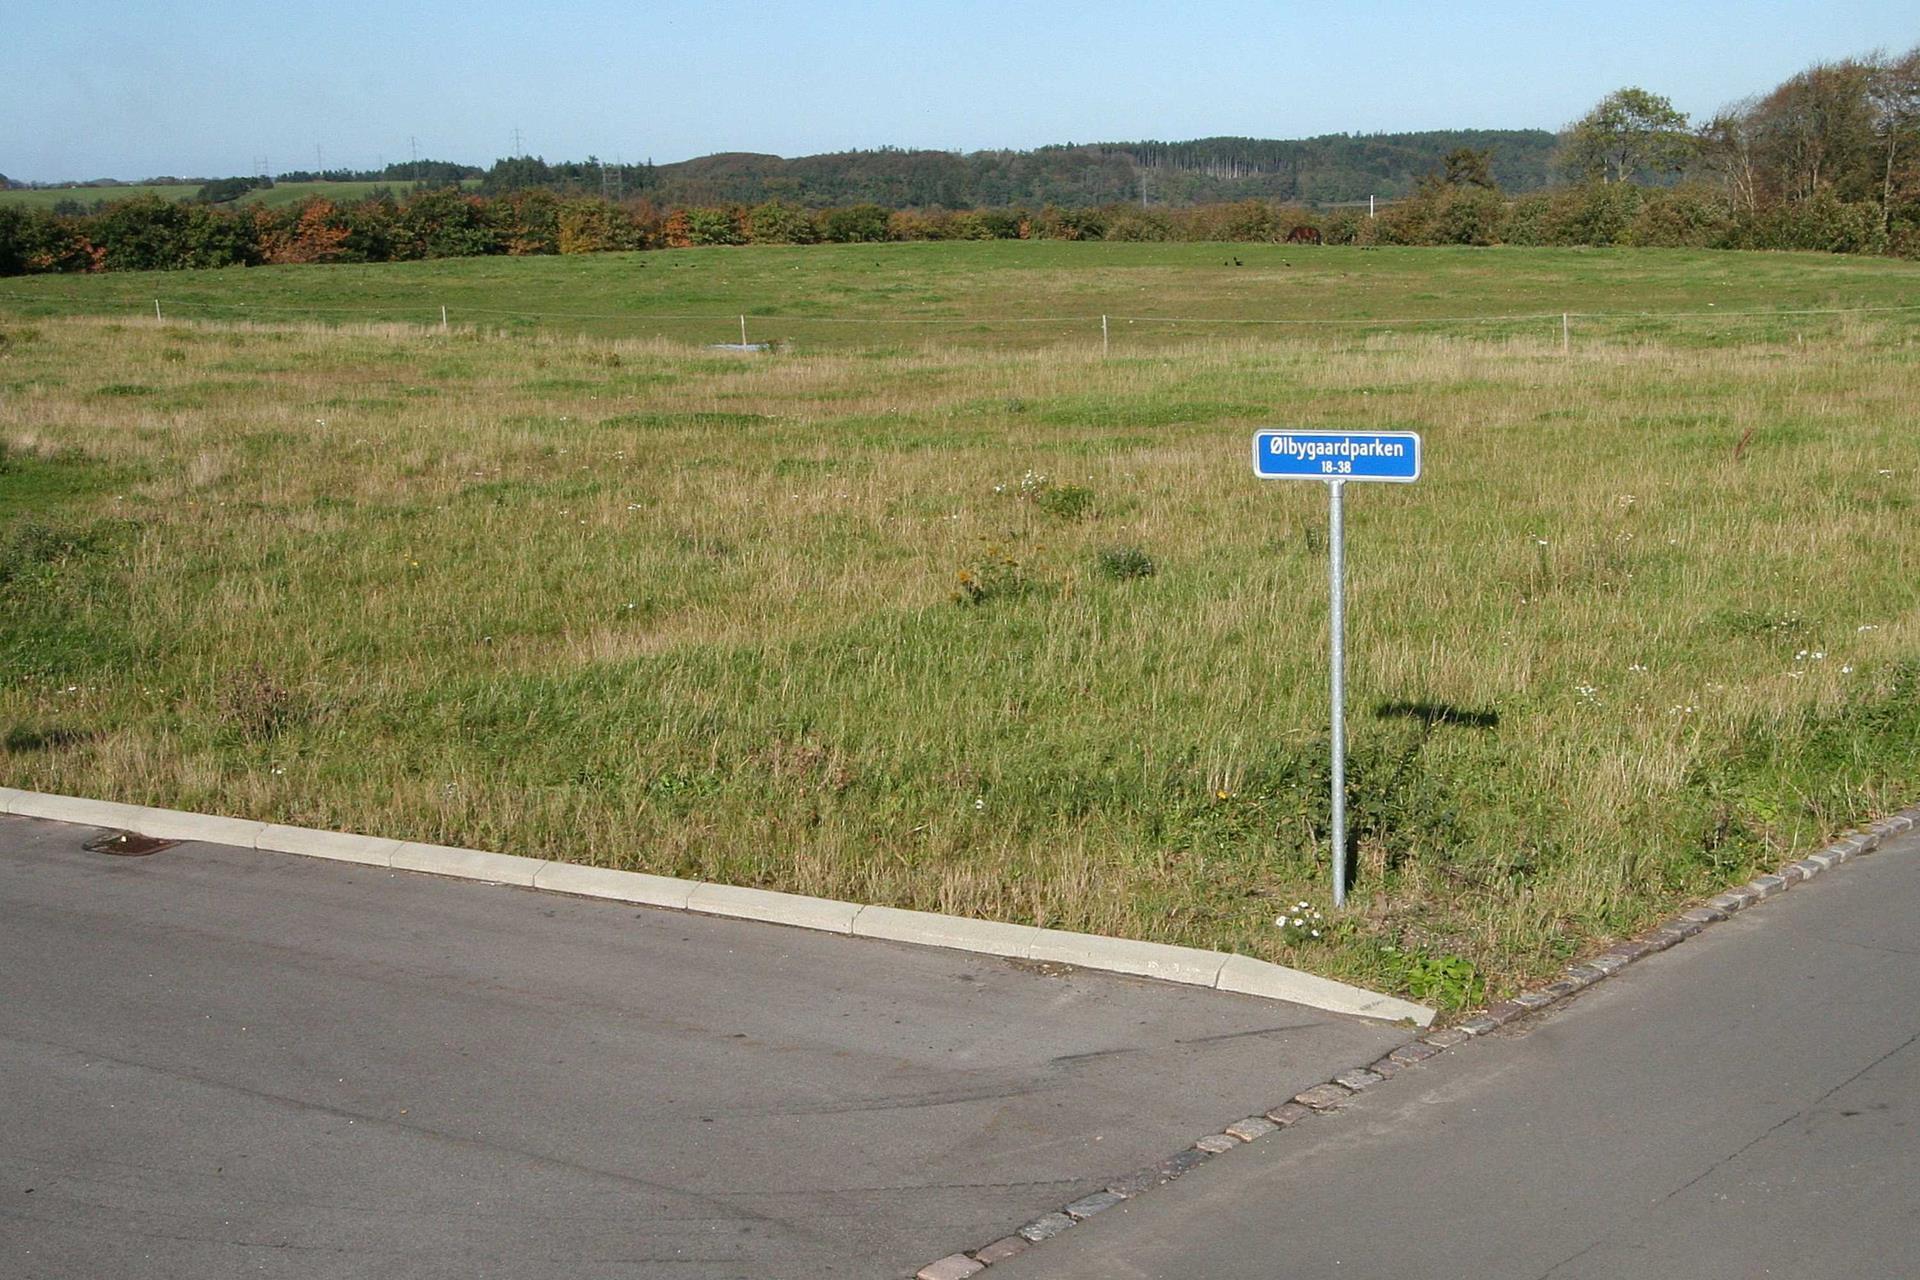 Helårsgrund på Ølbygaardparken i Struer - Område